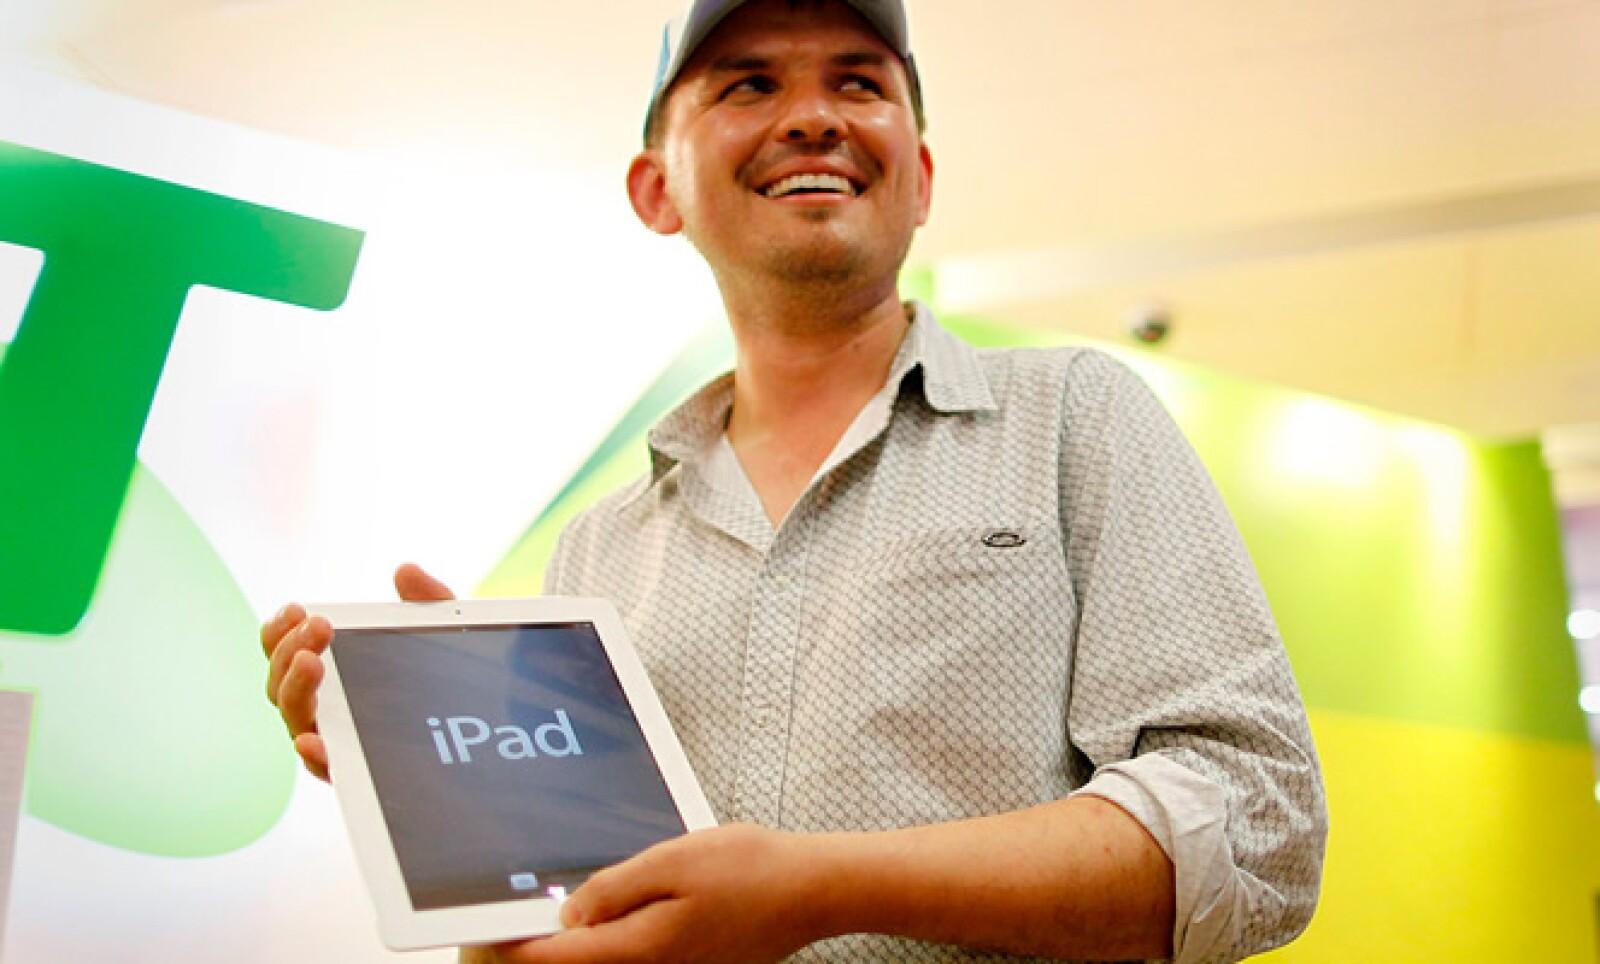 El primer poseedor de la nueva iPad en Sydney, Australia, fue David Tarasenko, director de construcción, quién compró la versión WiFi en color blanco